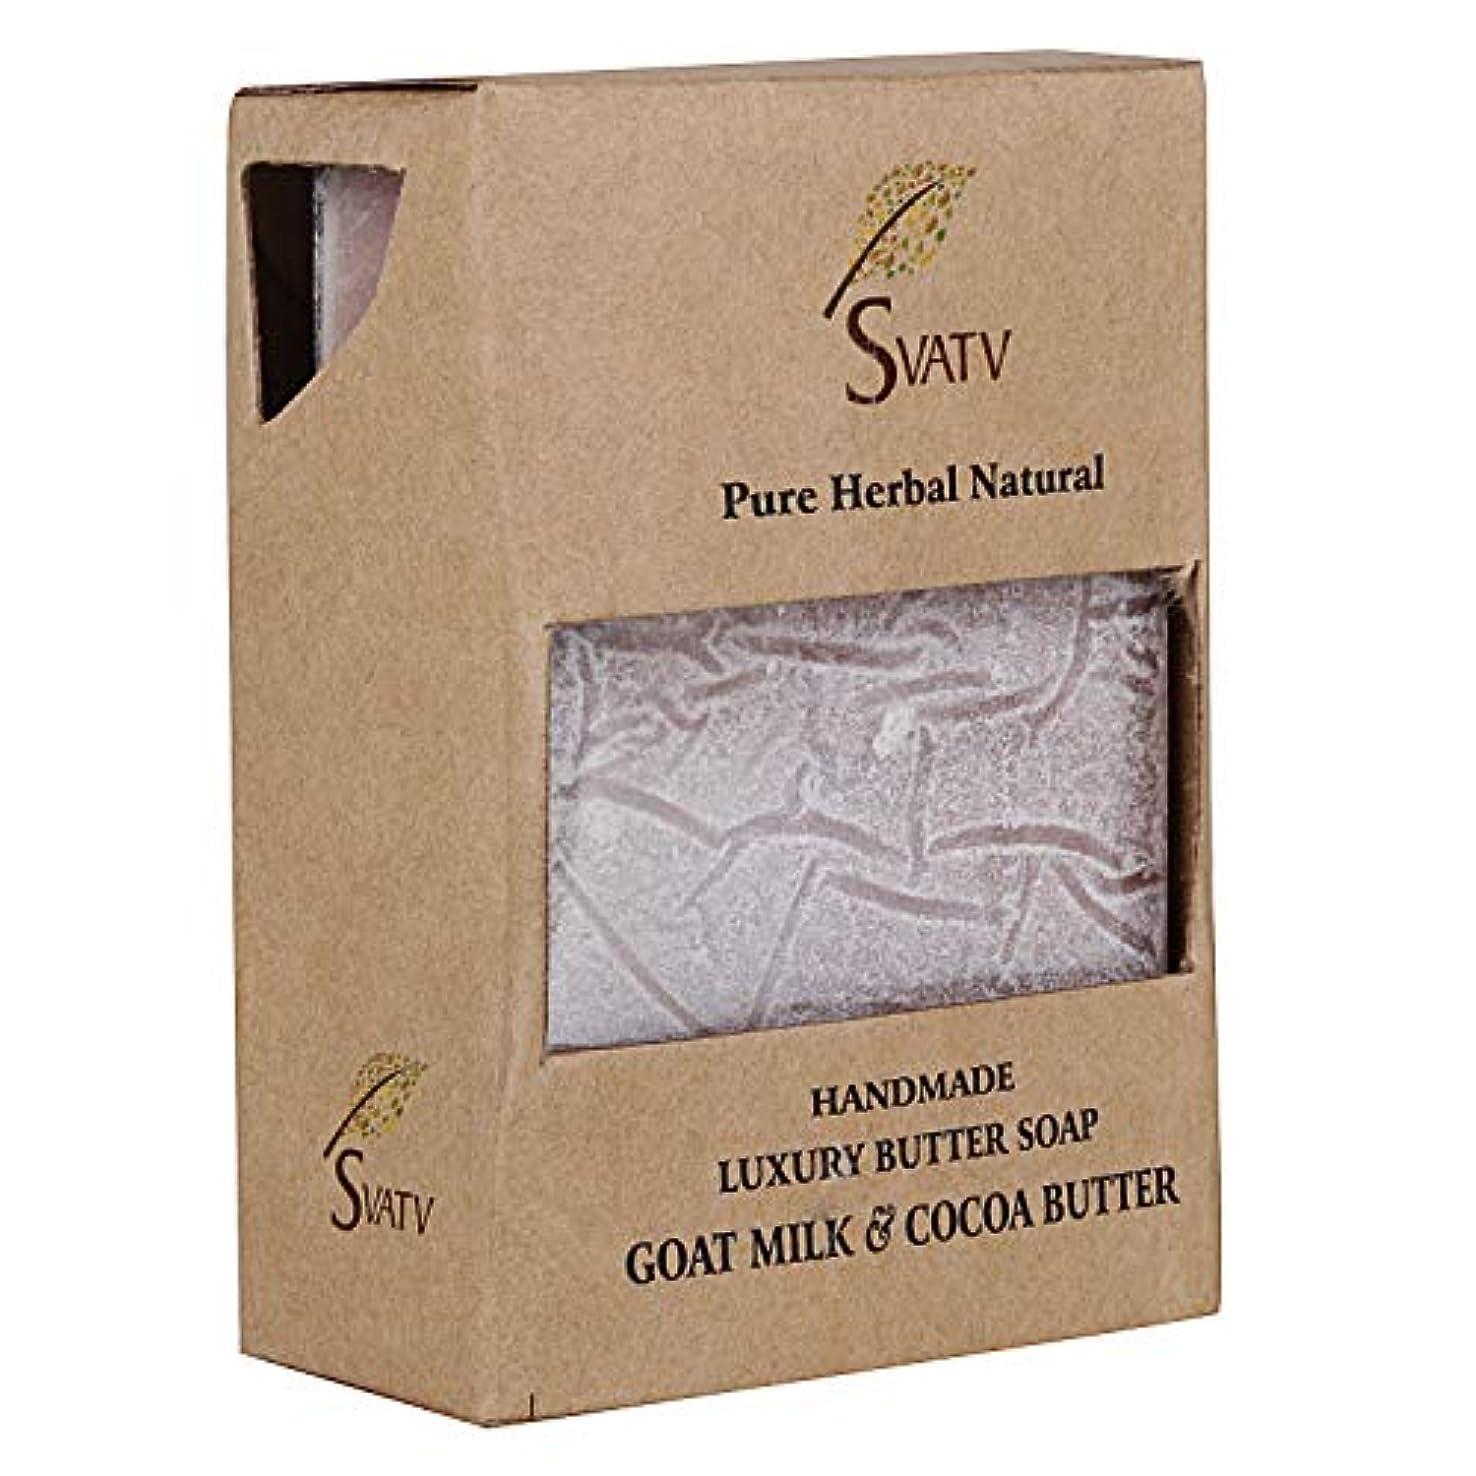 菊瞑想エミュレートするSVATV Handmade Luxury Butter Soap Goat Milk & Cocoa Butter For All Skin types 100g Bar